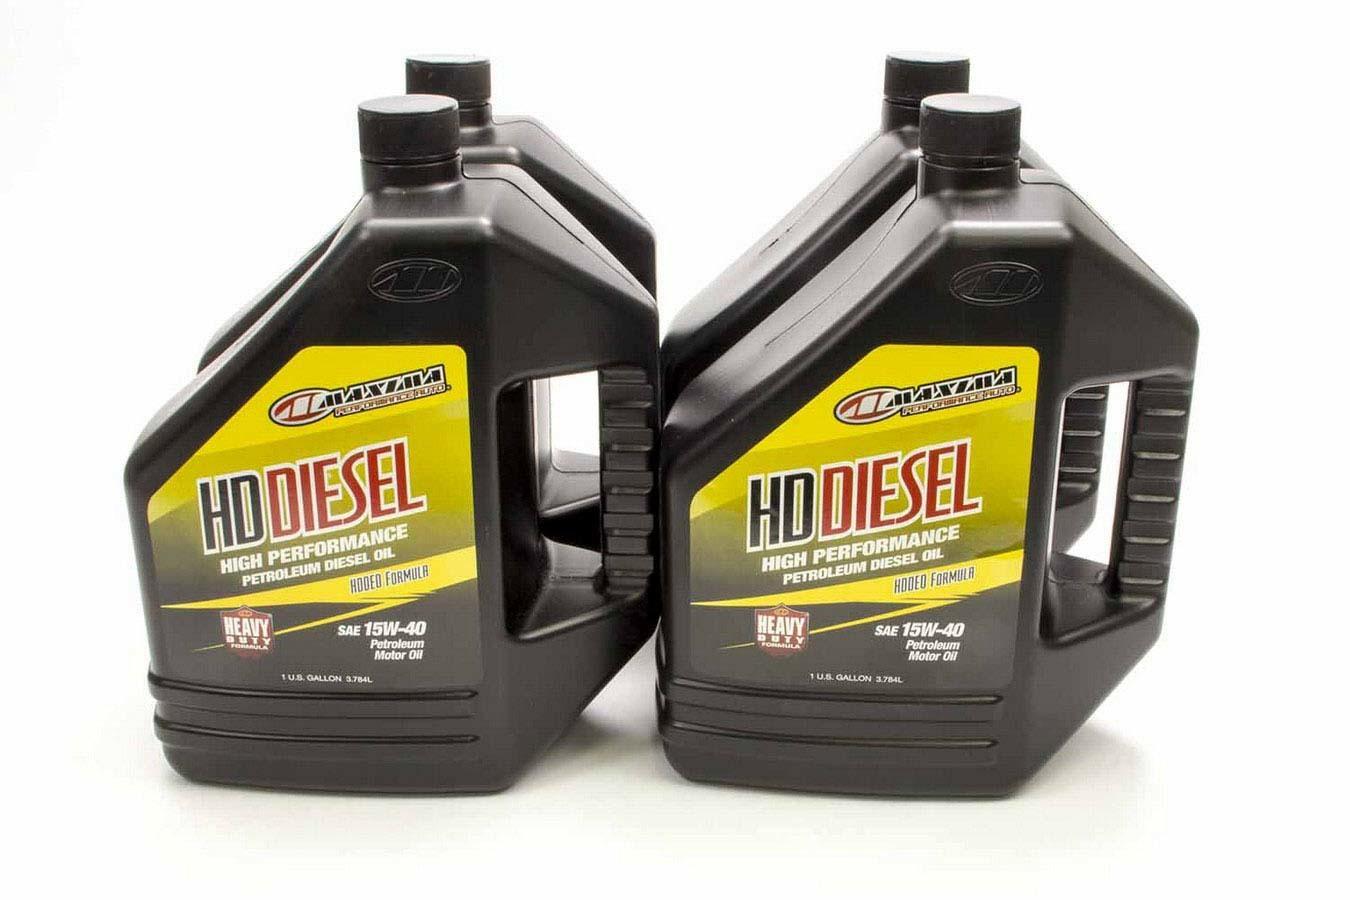 Maxima Racing Oils 39-029128 Motor Oil, HD Diesel, 15W40, Conventional, 1 gal Bottle, Diesel Engines, Set of 4